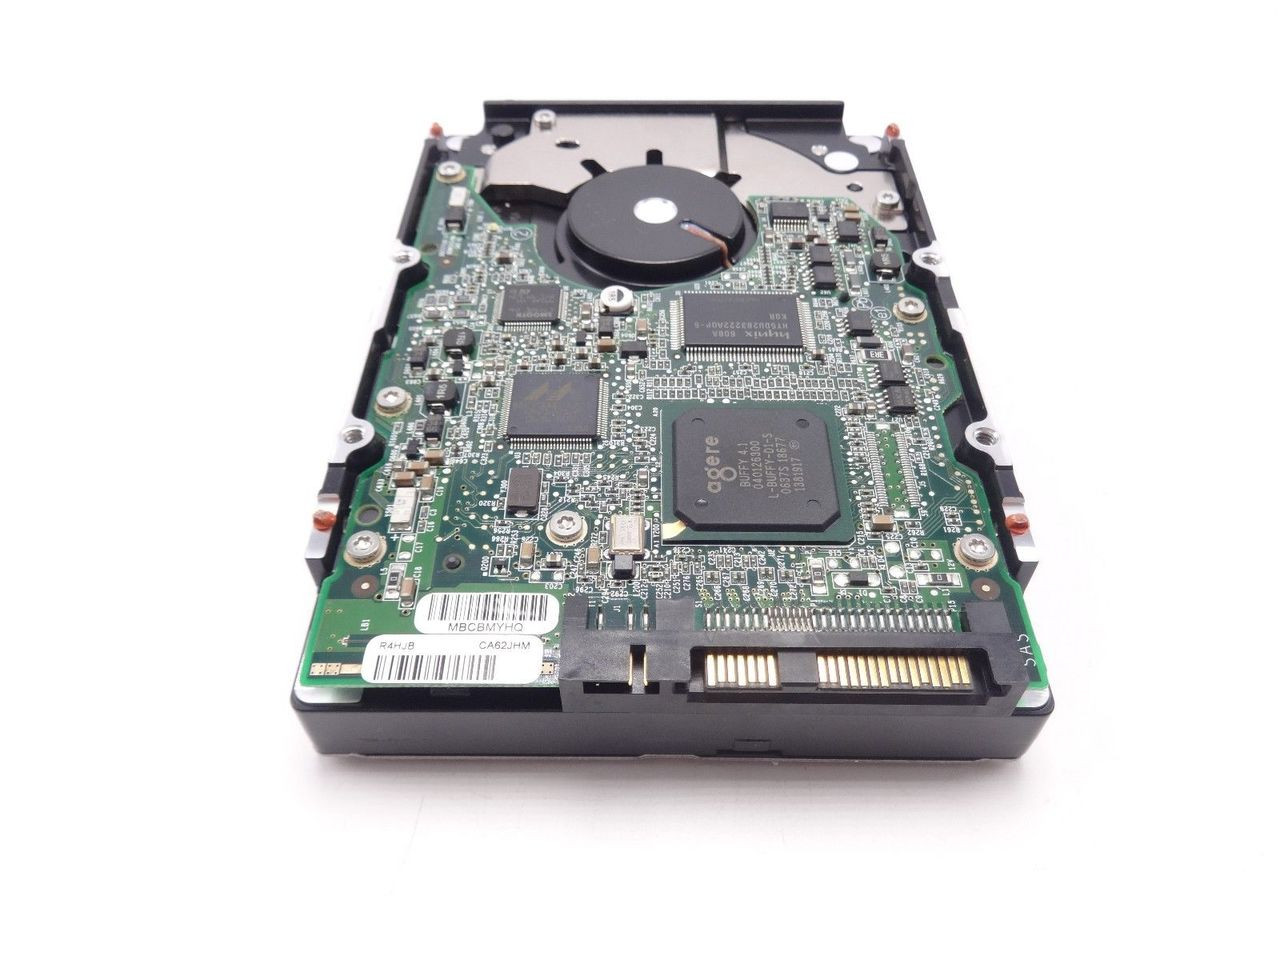 Maxxtor 8J300S0 300GB SAS 10K 3.5 Hard drive 8J300S00894K3 71643-02